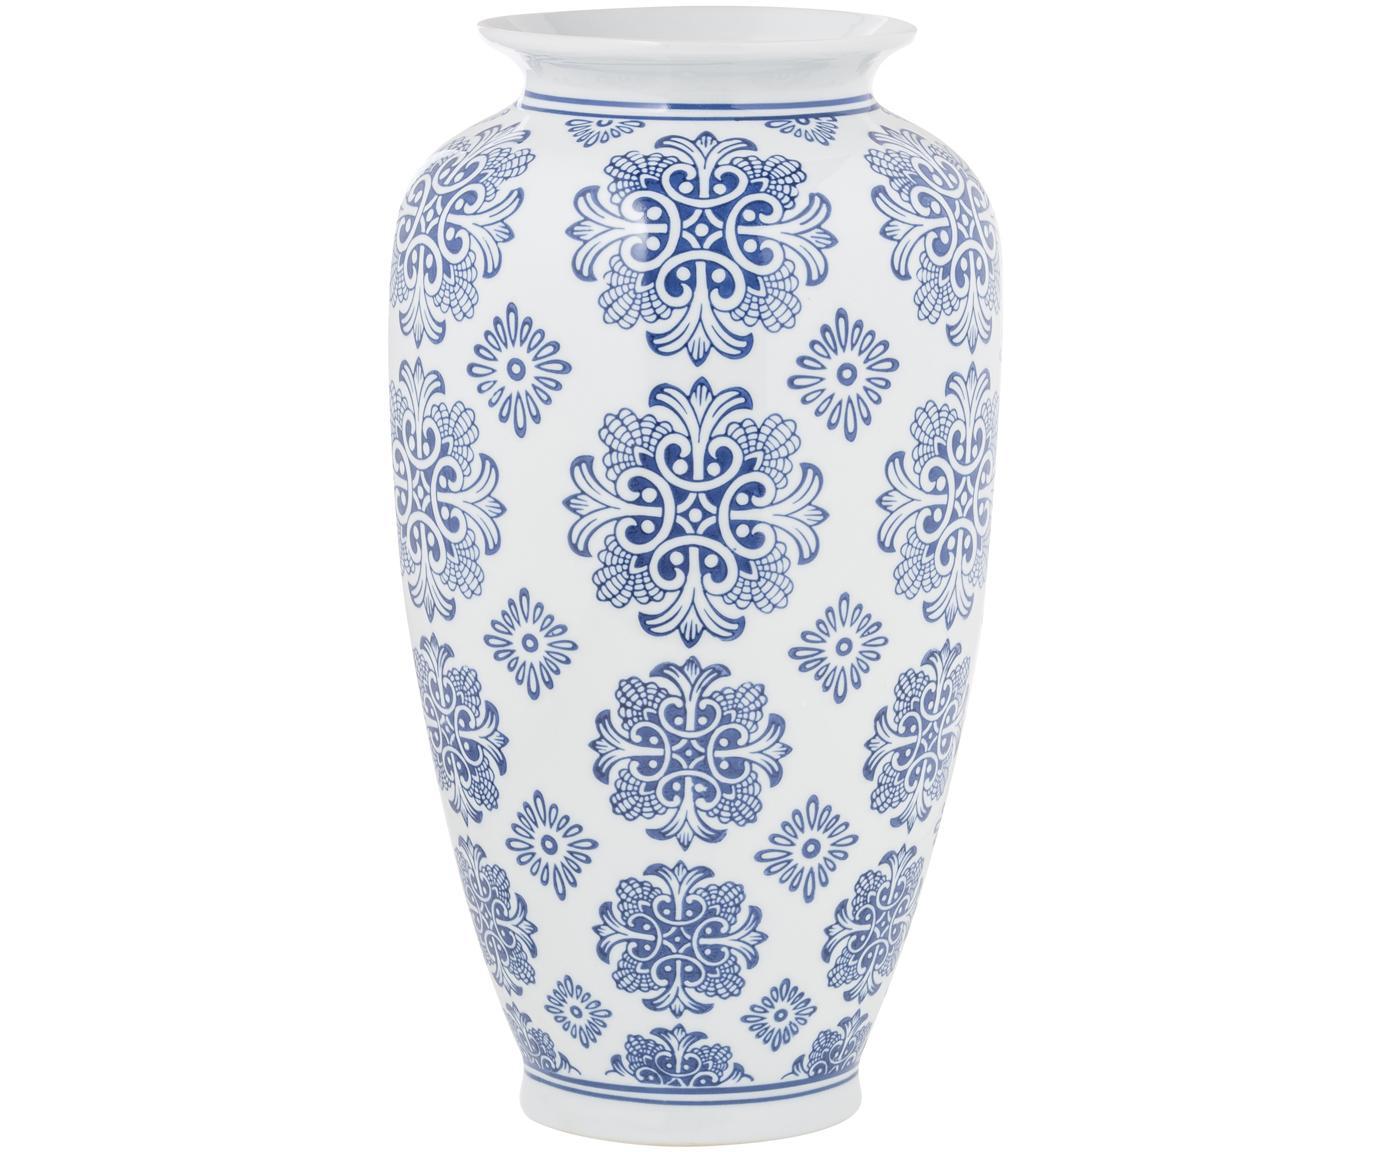 Duży wazon z ceramiki Sara, Ceramika, Niebieski, biały, Ø 18 x W 36 cm